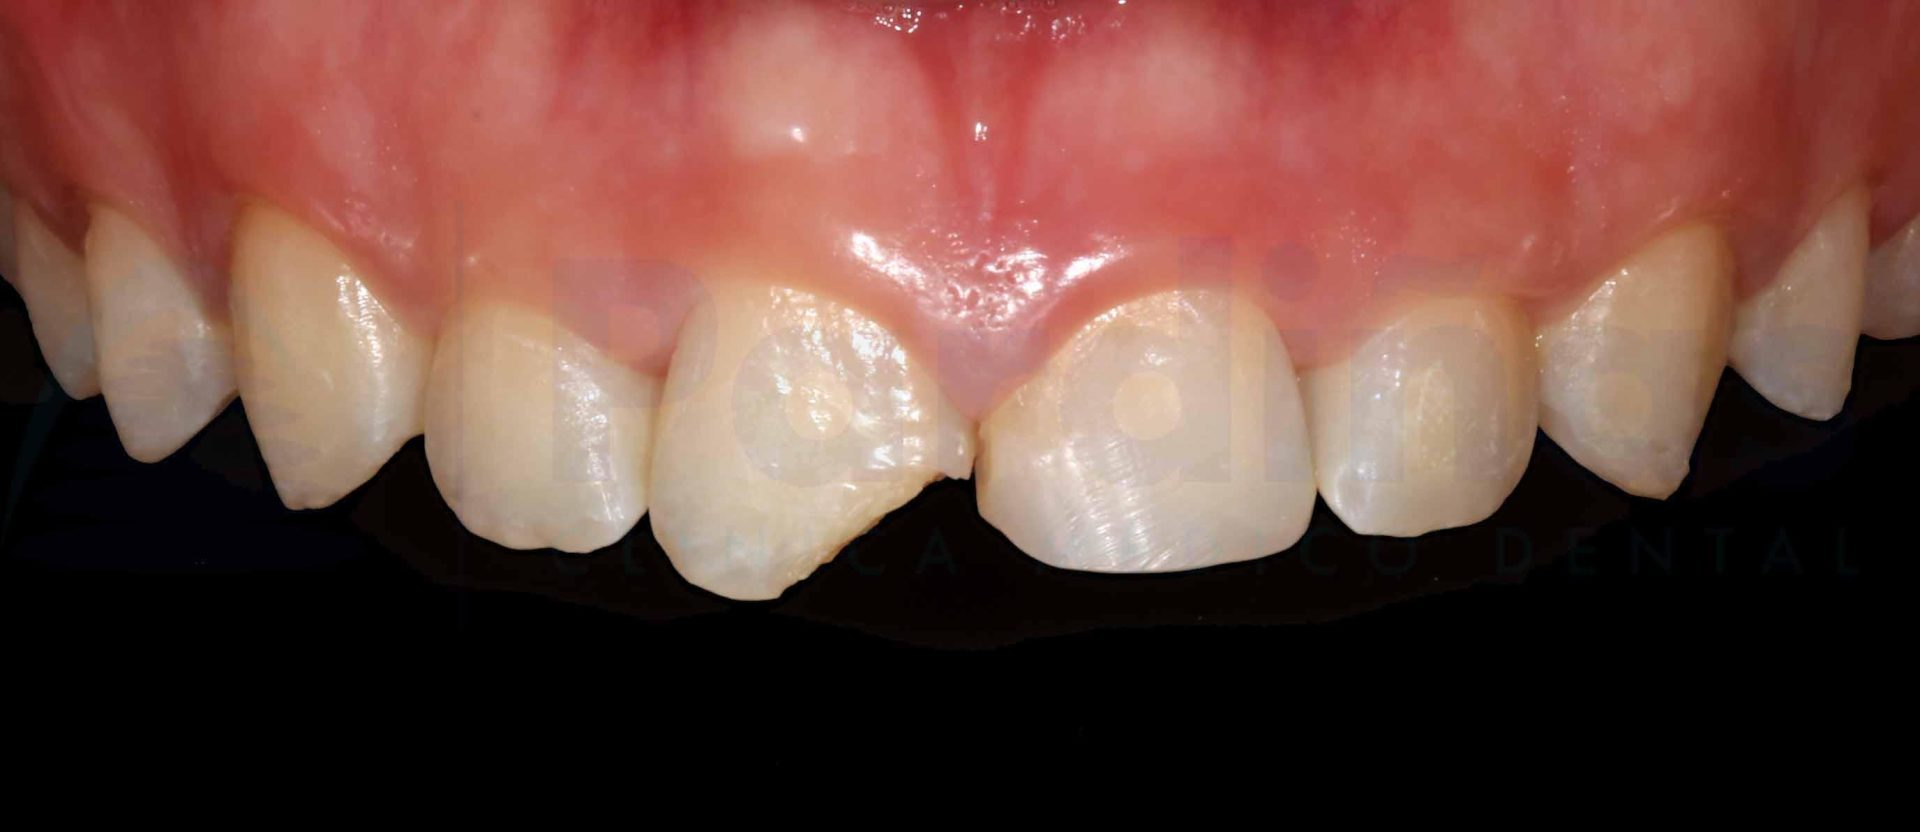 reconstruccion-diente-antes